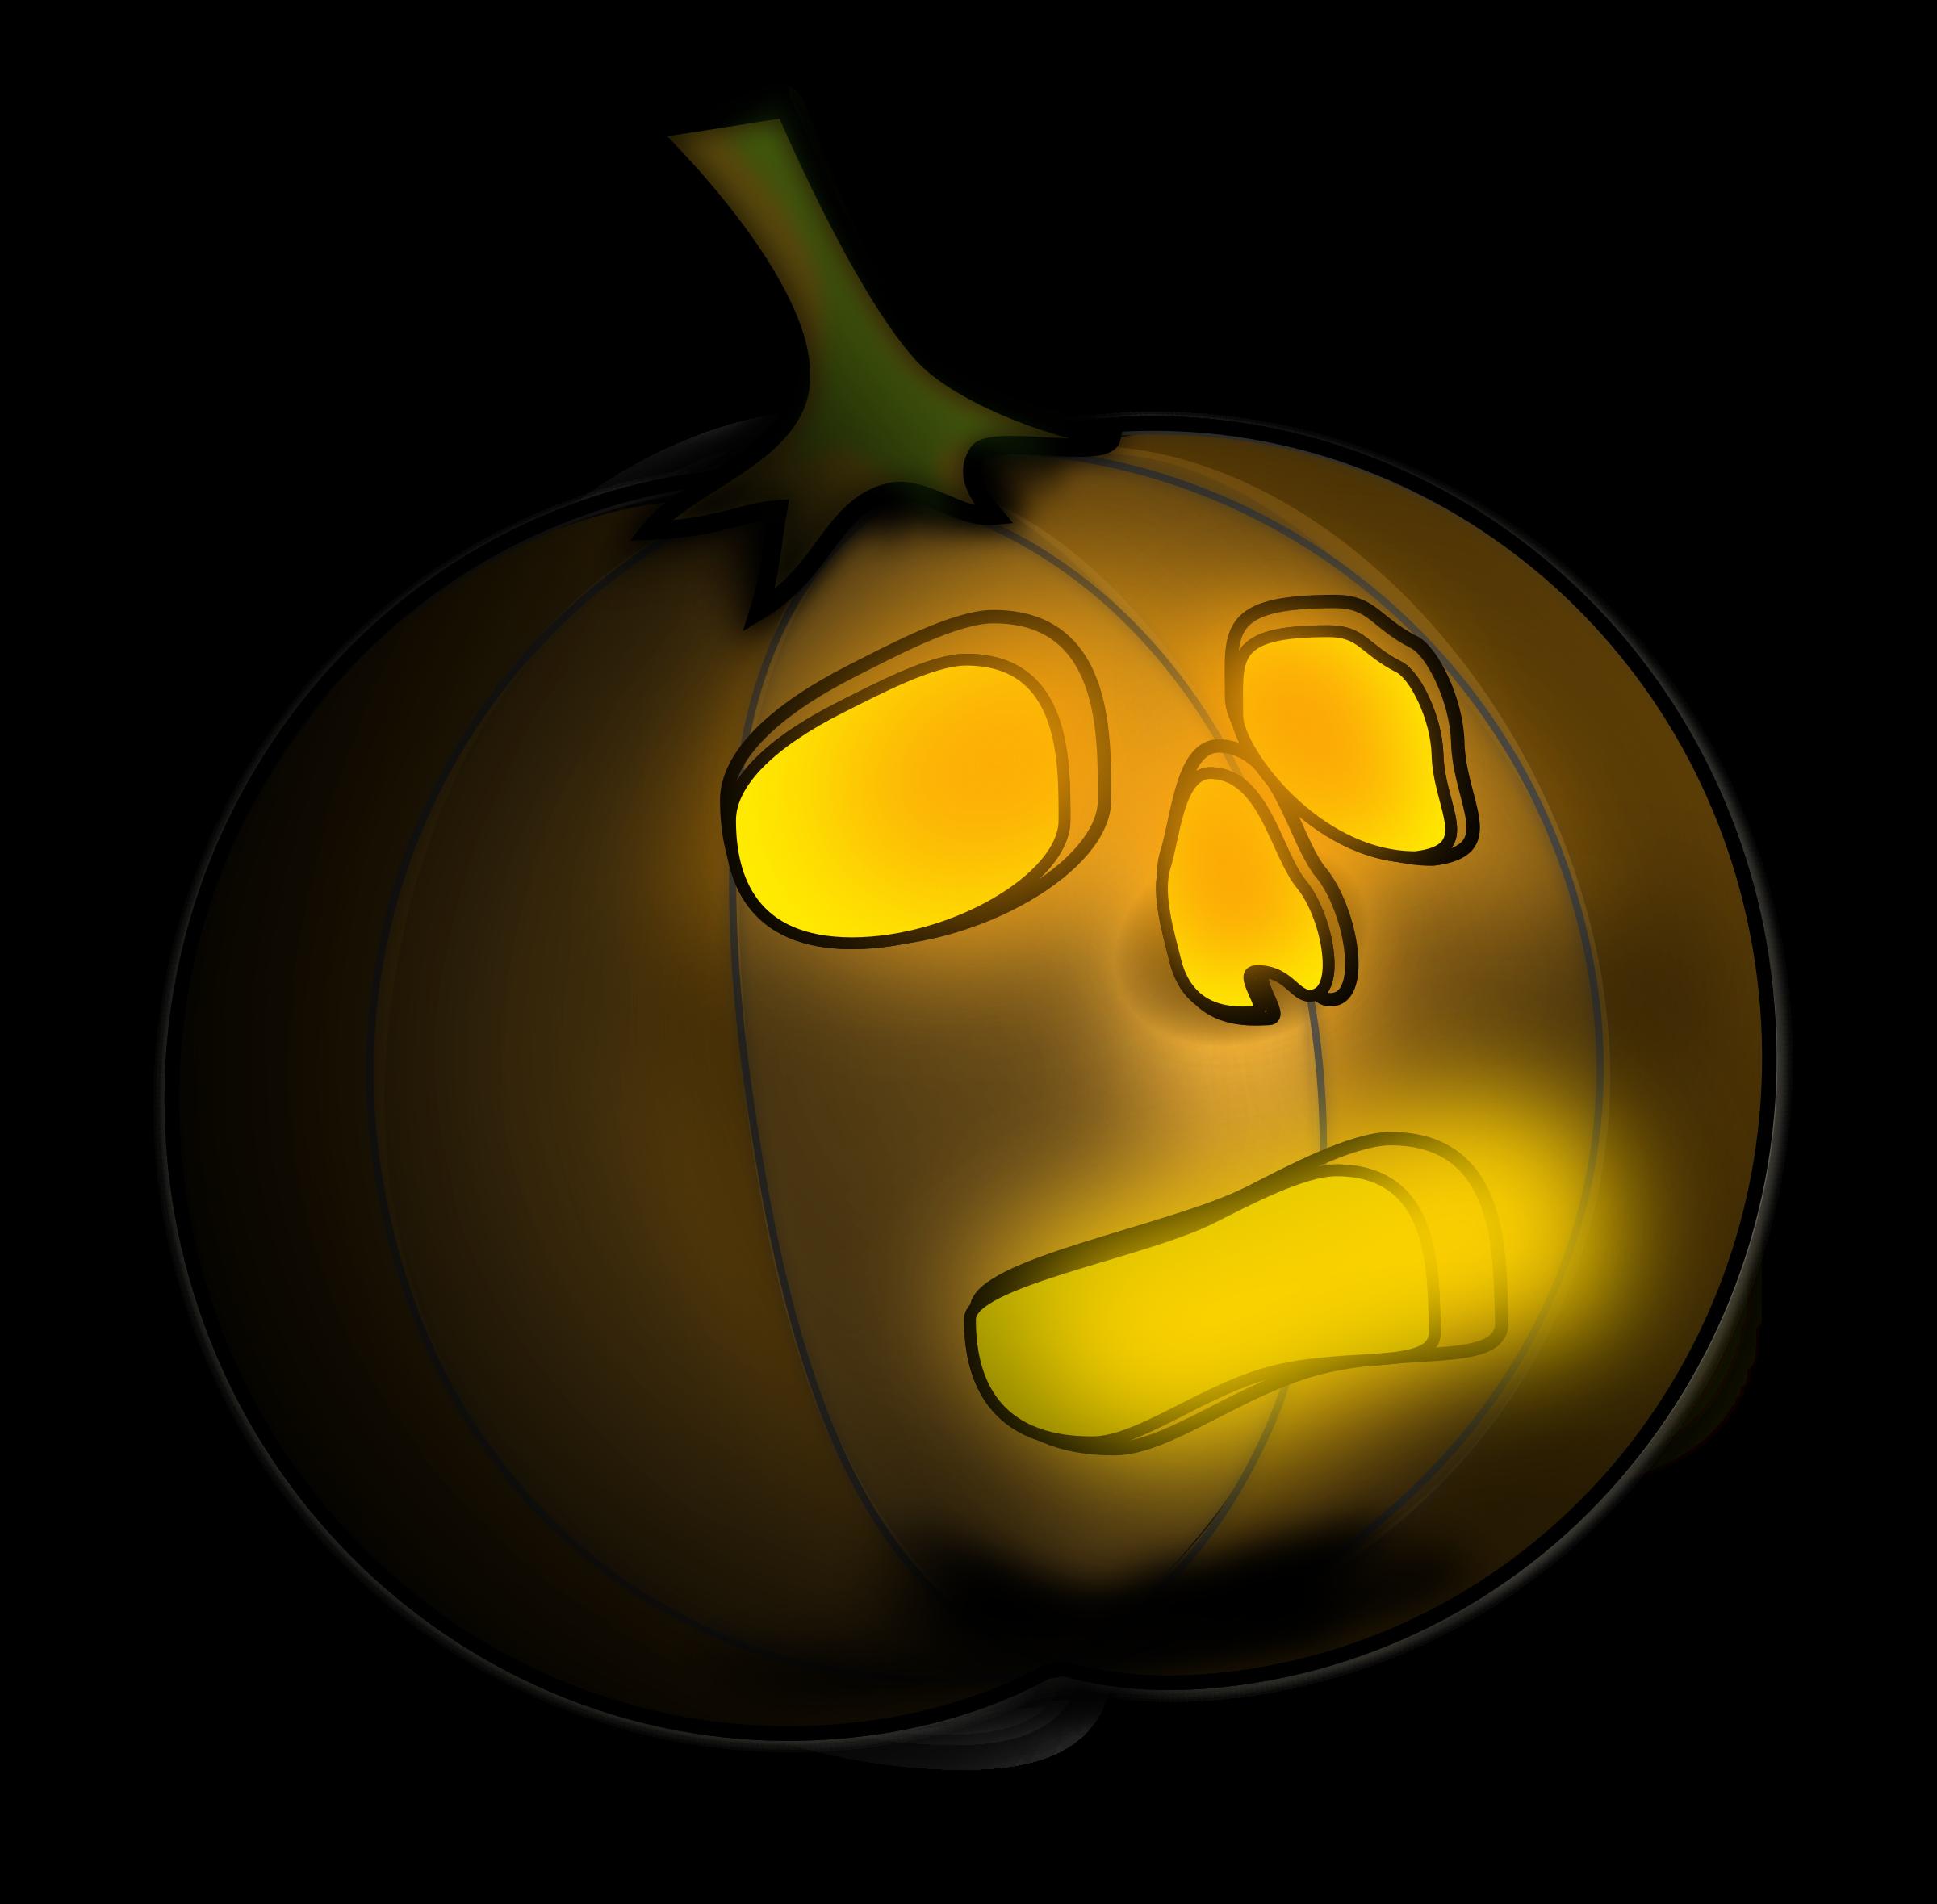 Jackolantern Clipart October, Jackolantern October